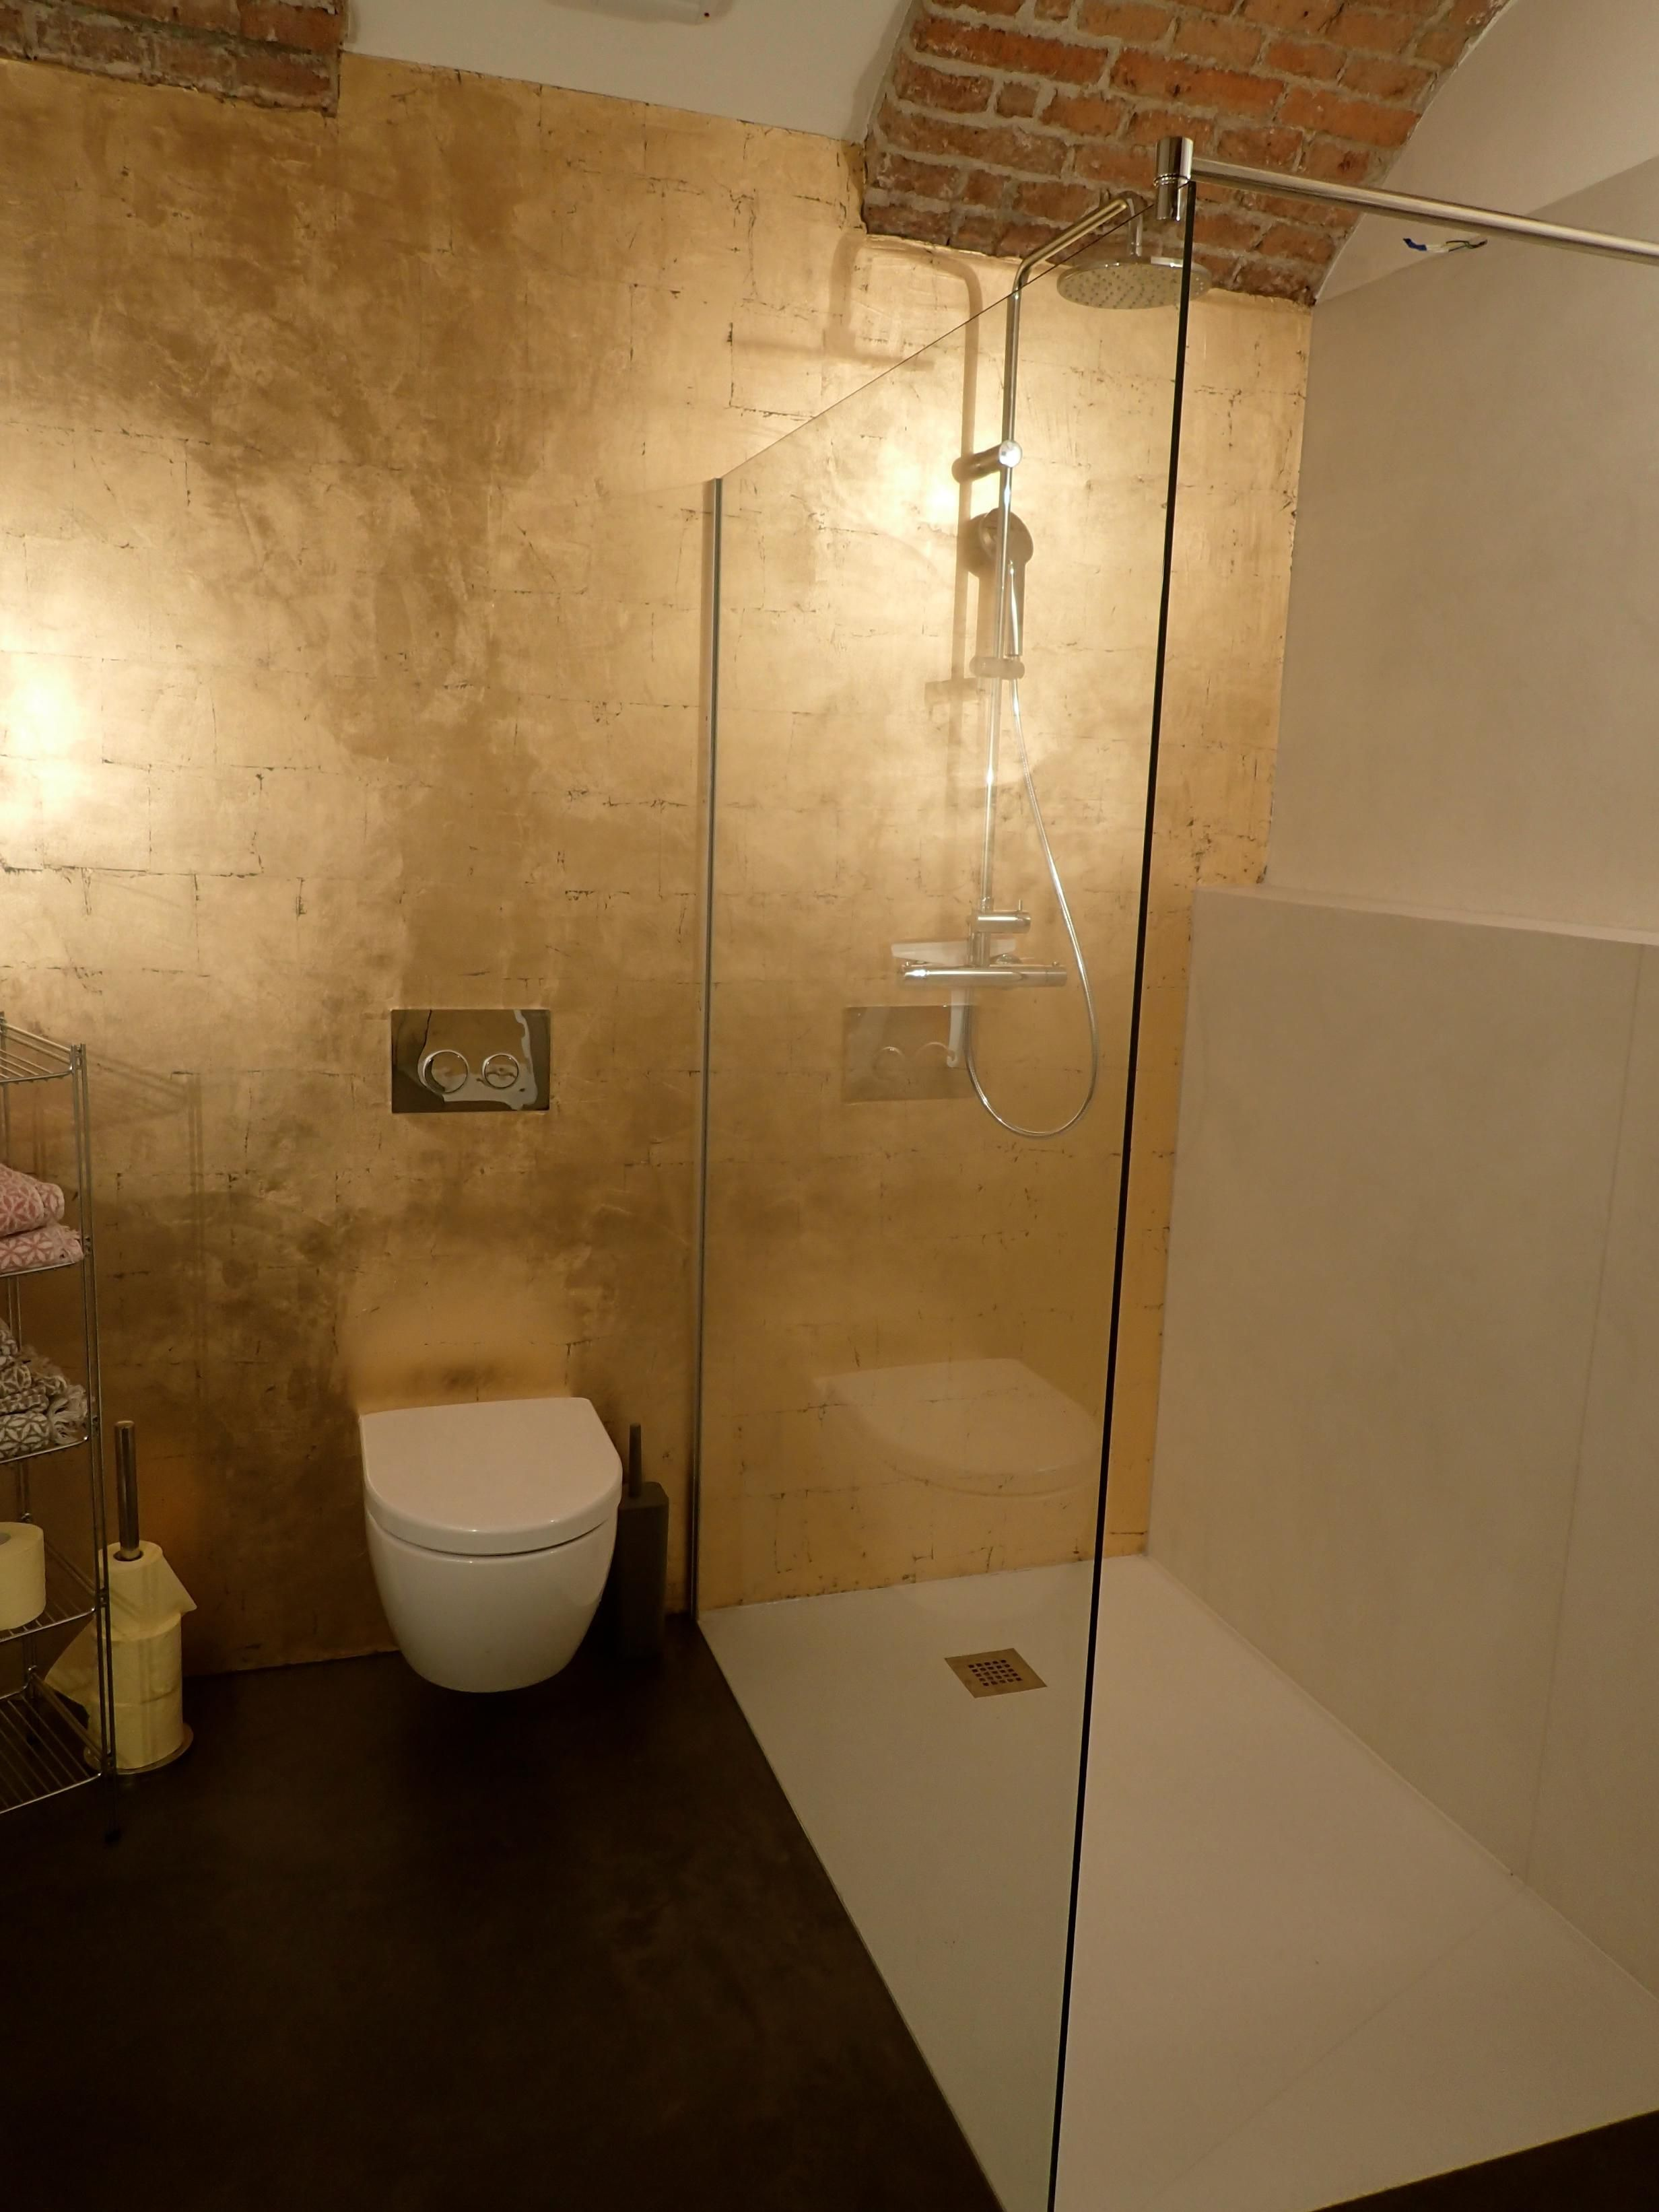 Boden Béton Ciré Original In Einem Badezimmer Farbe 32 Anhtracit. Wand  Wohndesign Beton Cire